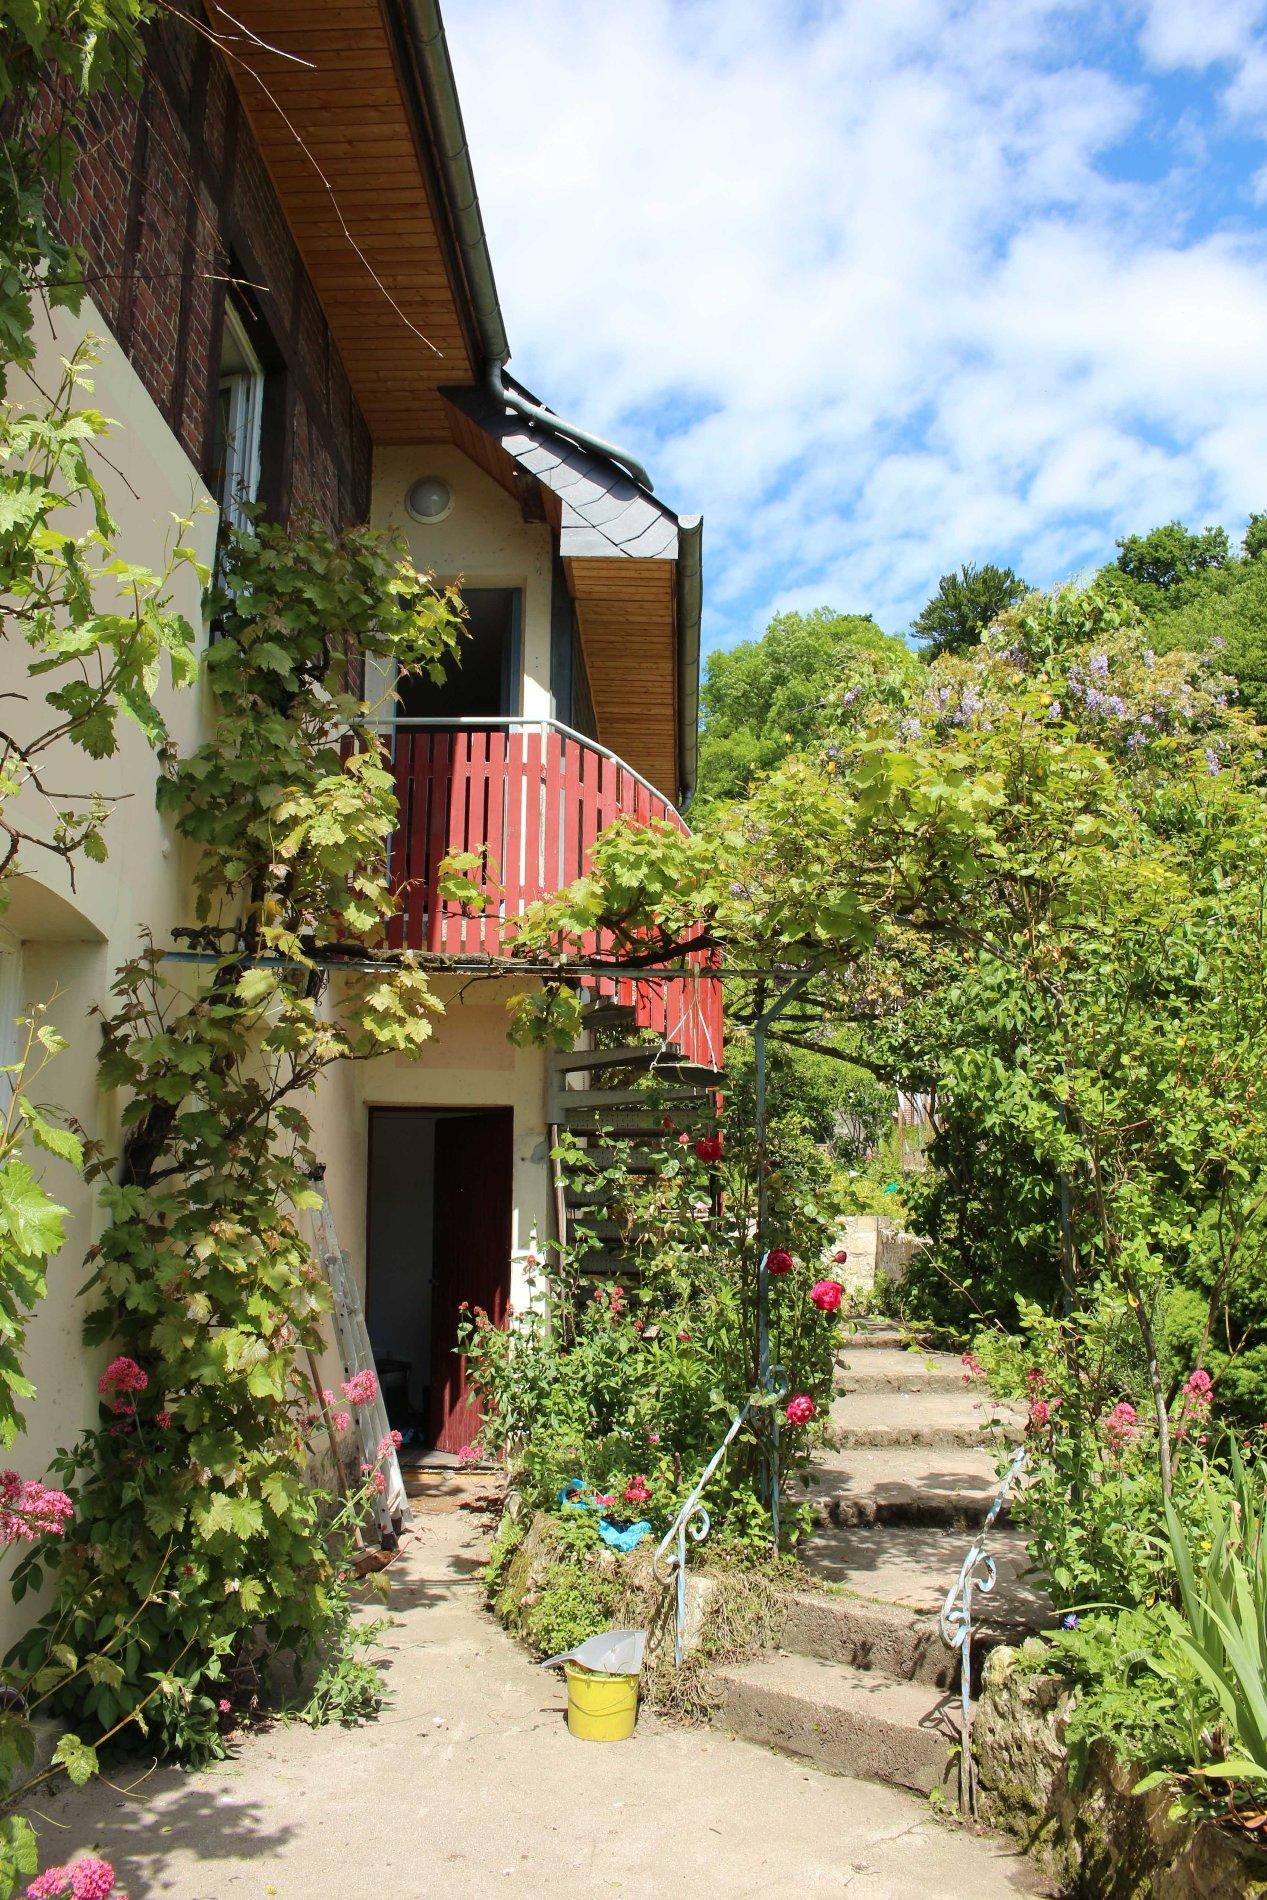 Acheter vente d 39 une maison de caract re pleine de charme - Vente d une maison ...